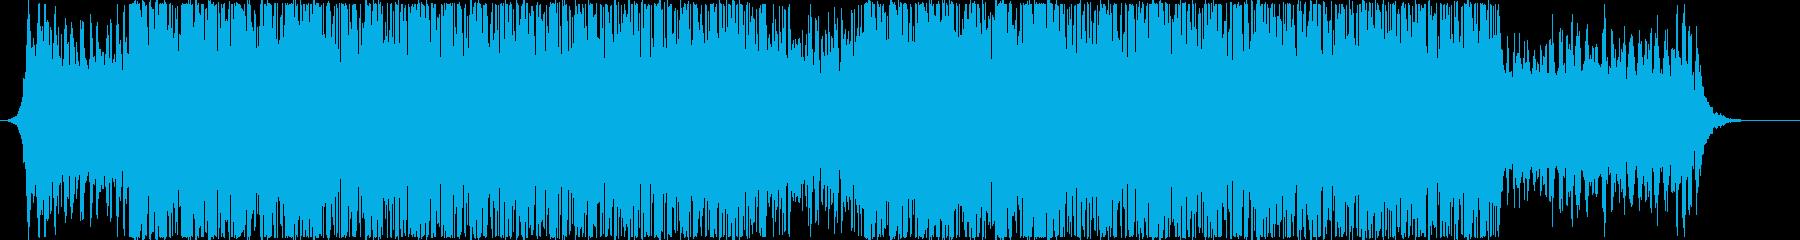 爽やかで疾走感のあるBGMの再生済みの波形